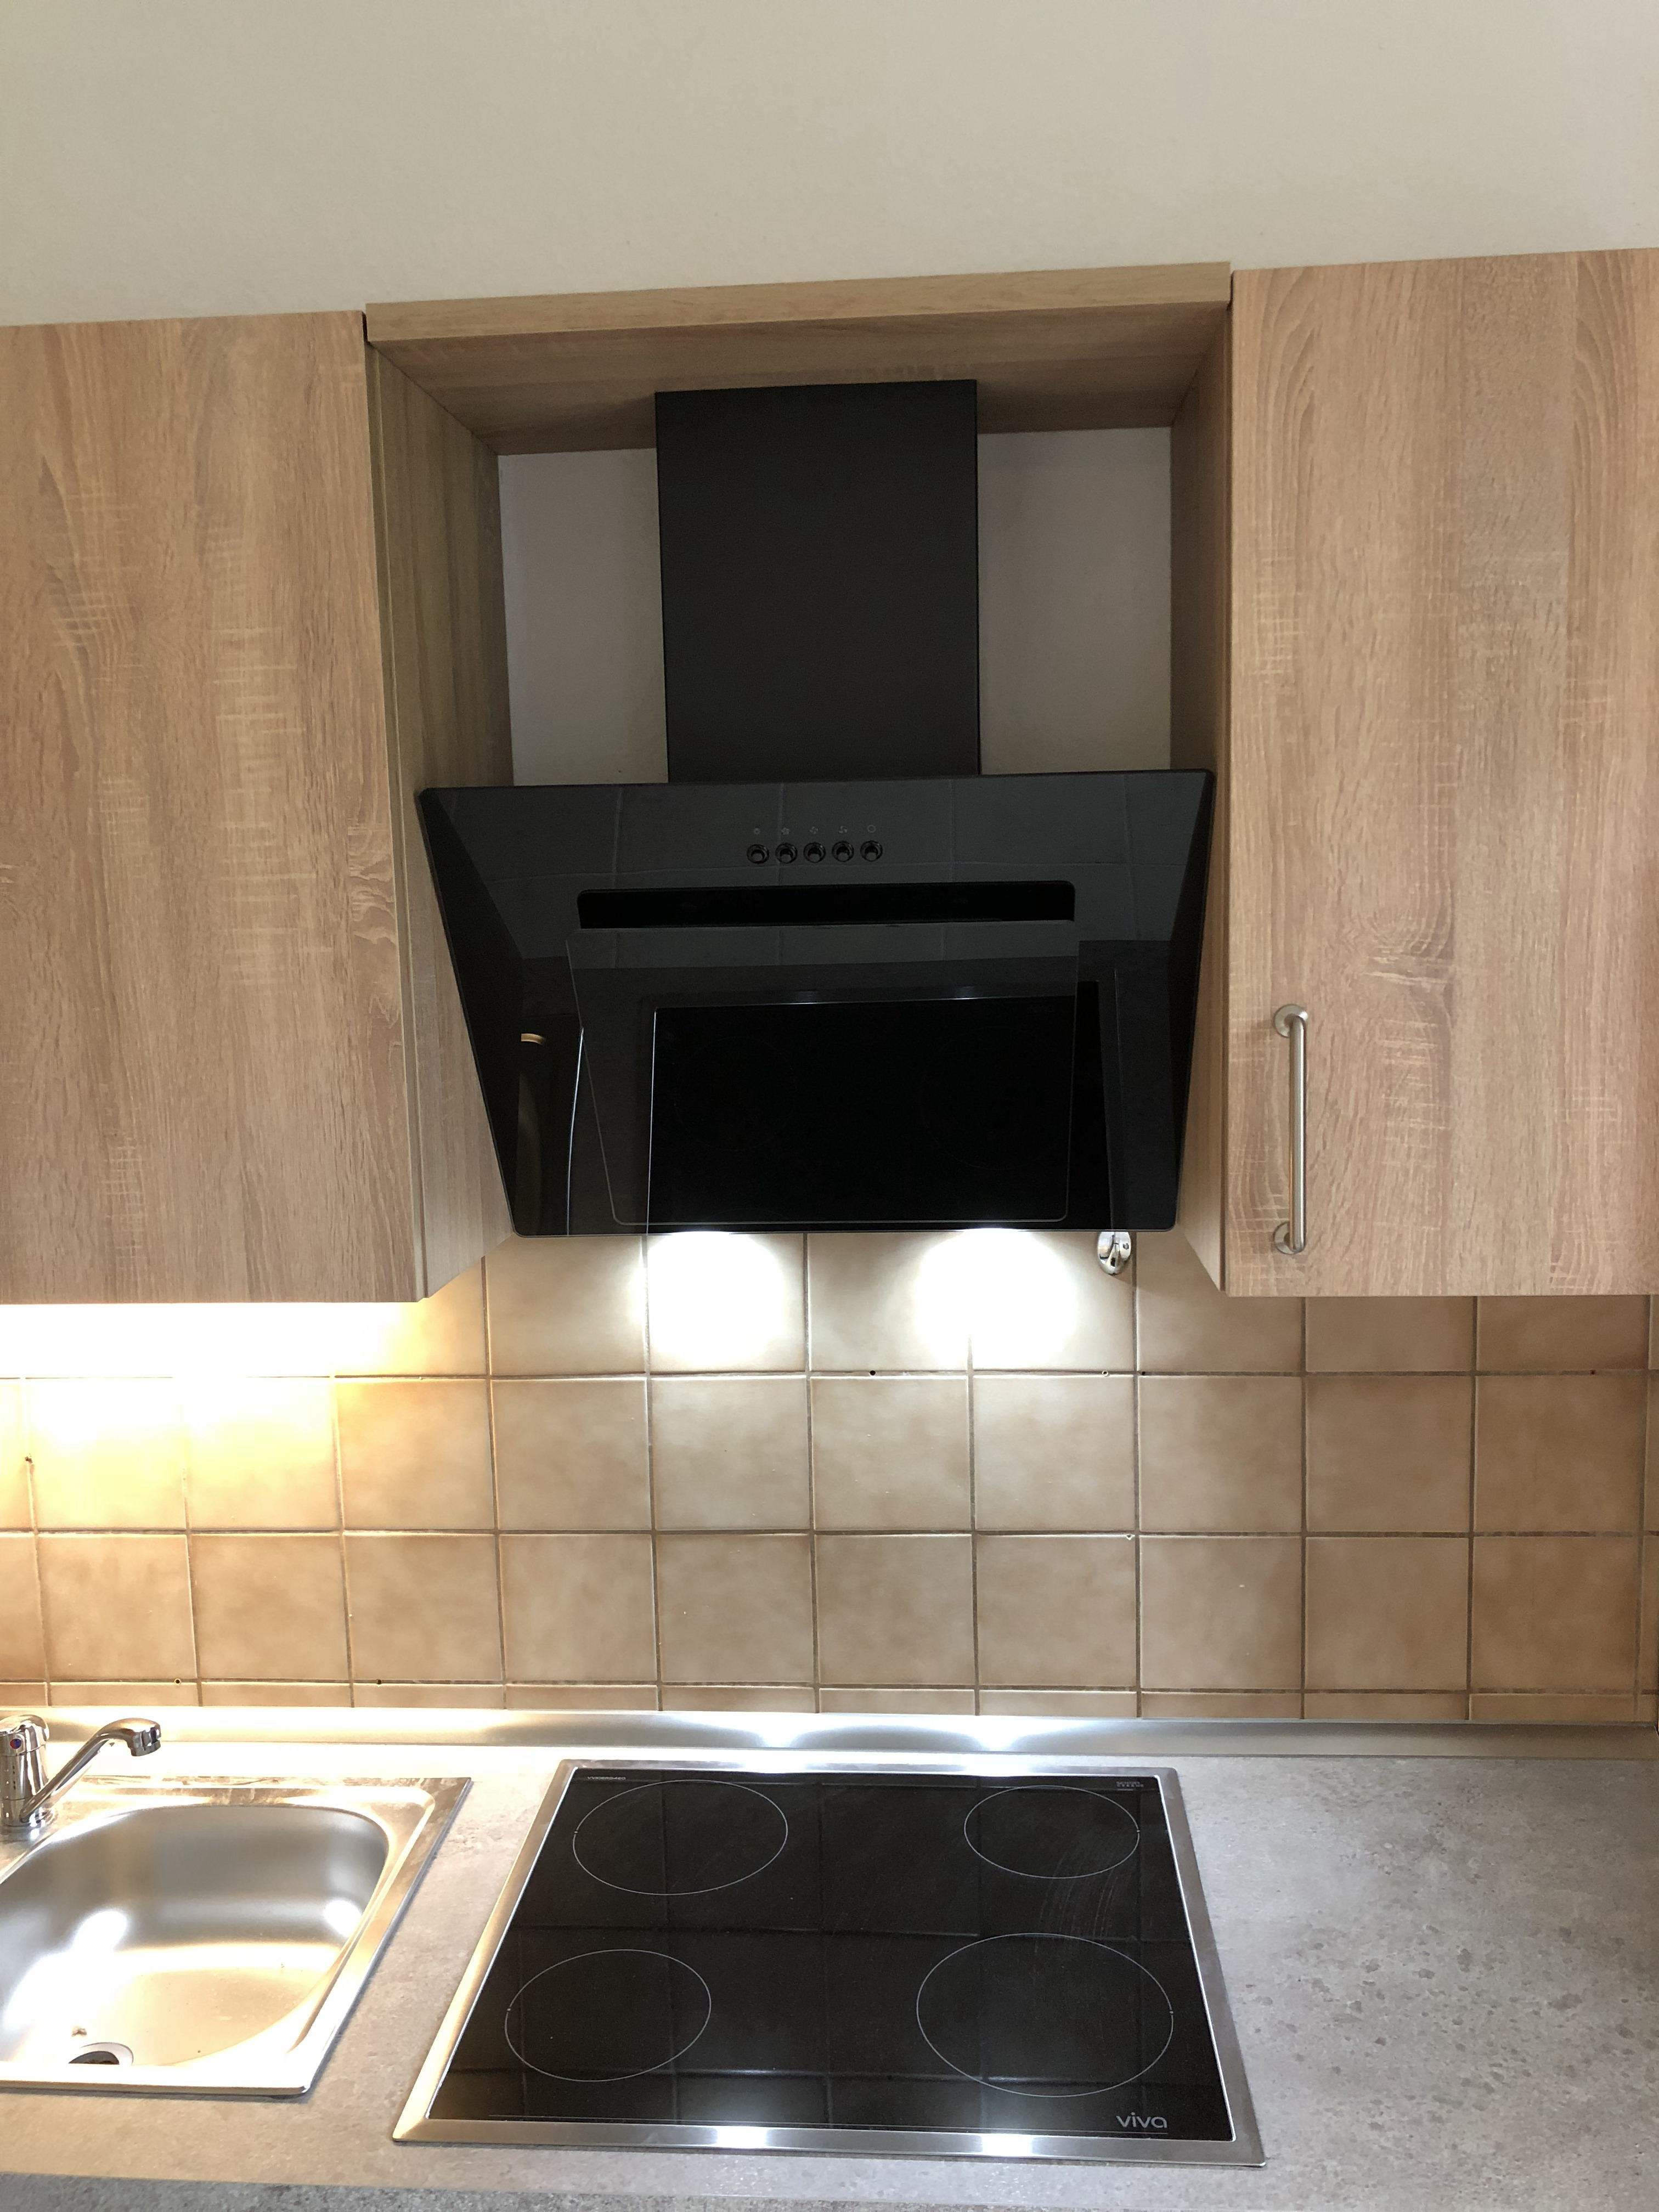 Küchenzeile in Sonoma Eiche_Wohngruppe_Haube